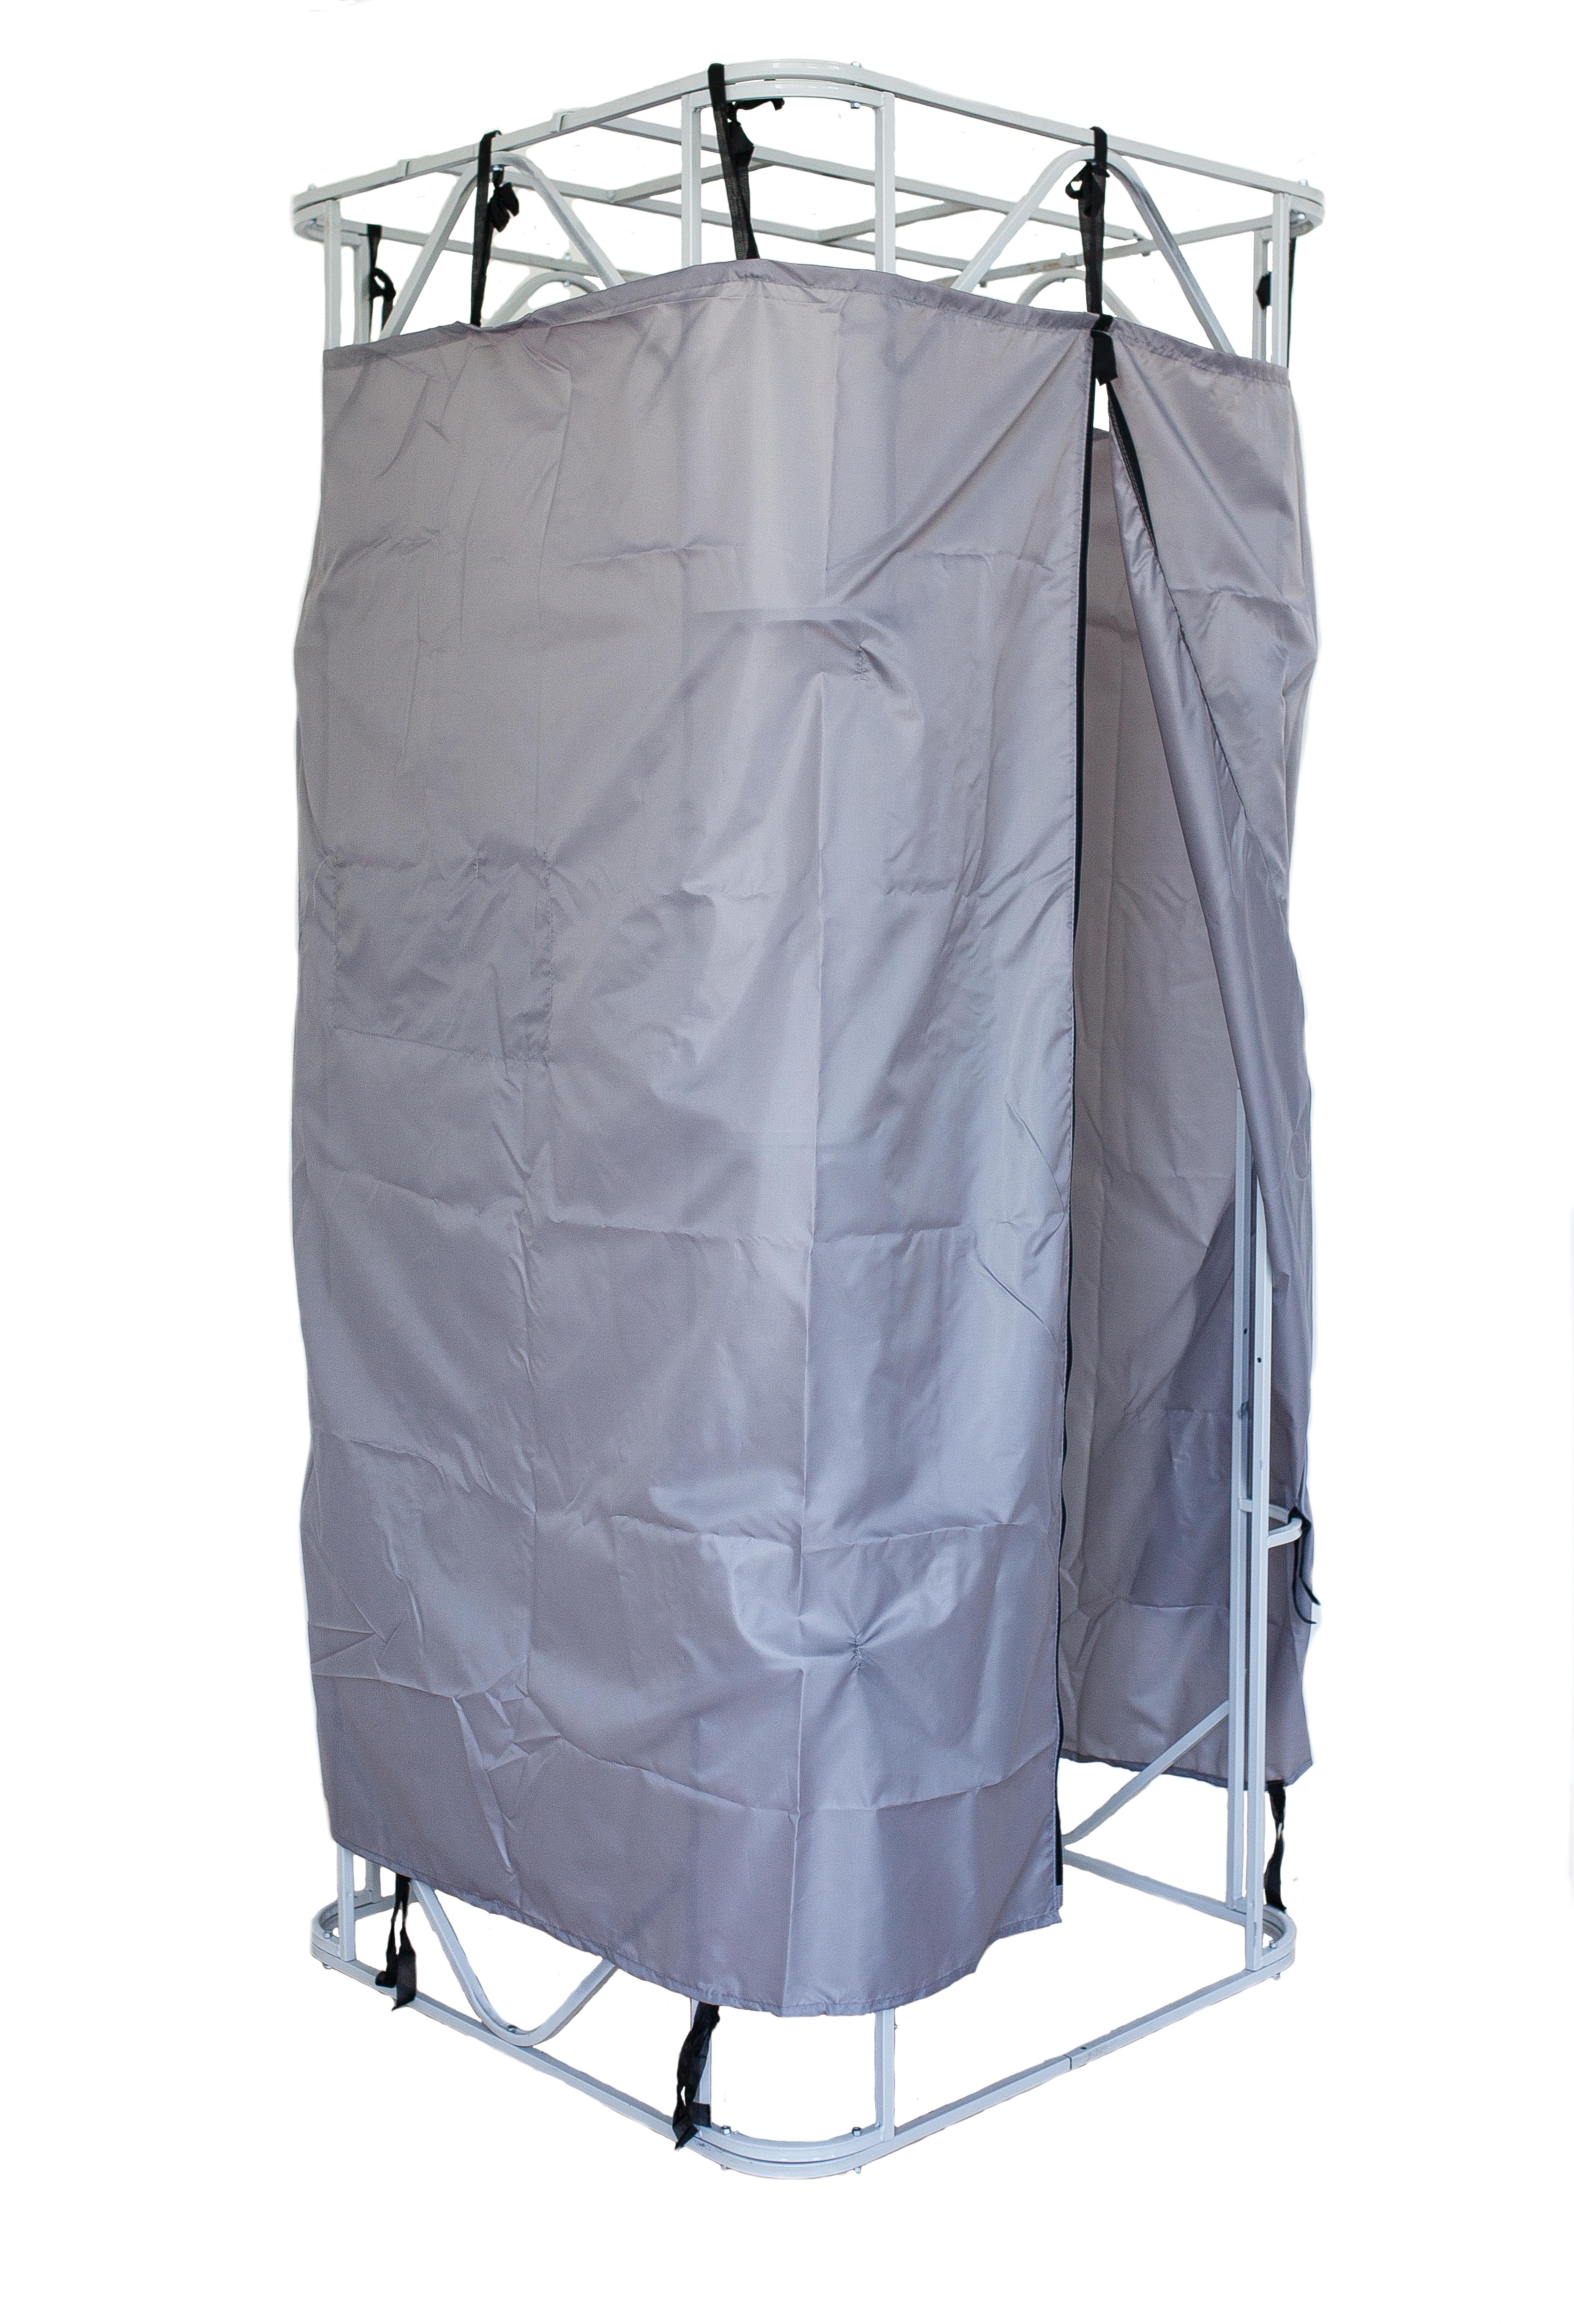 Душевая кабина Garden dreamsДуши для дачи<br>Тип душа для дачи: душевая кабина, Установка: стационарная, Материал стенок кабины: полиэстер, Высота: 2000, Ширина: 980, Длина (мм): 980<br>